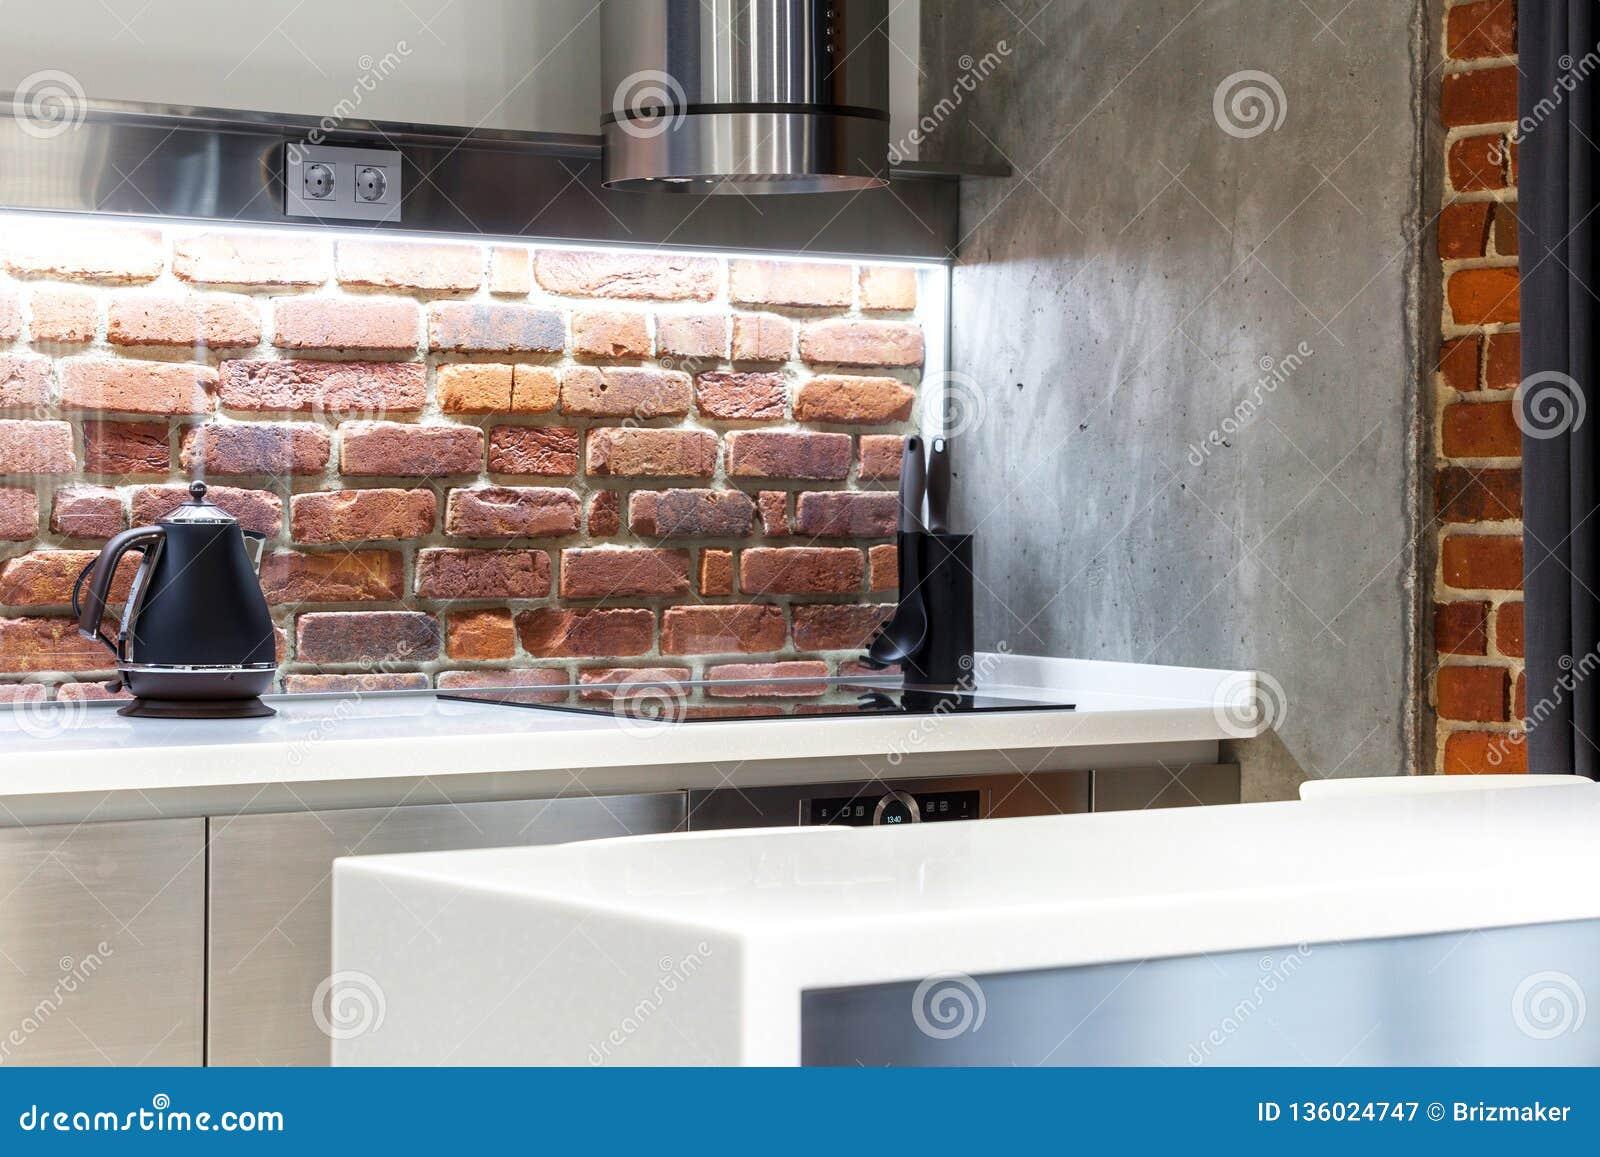 Position Noire De Theiere Sur La Table De Cuisine Contre Le Mur De